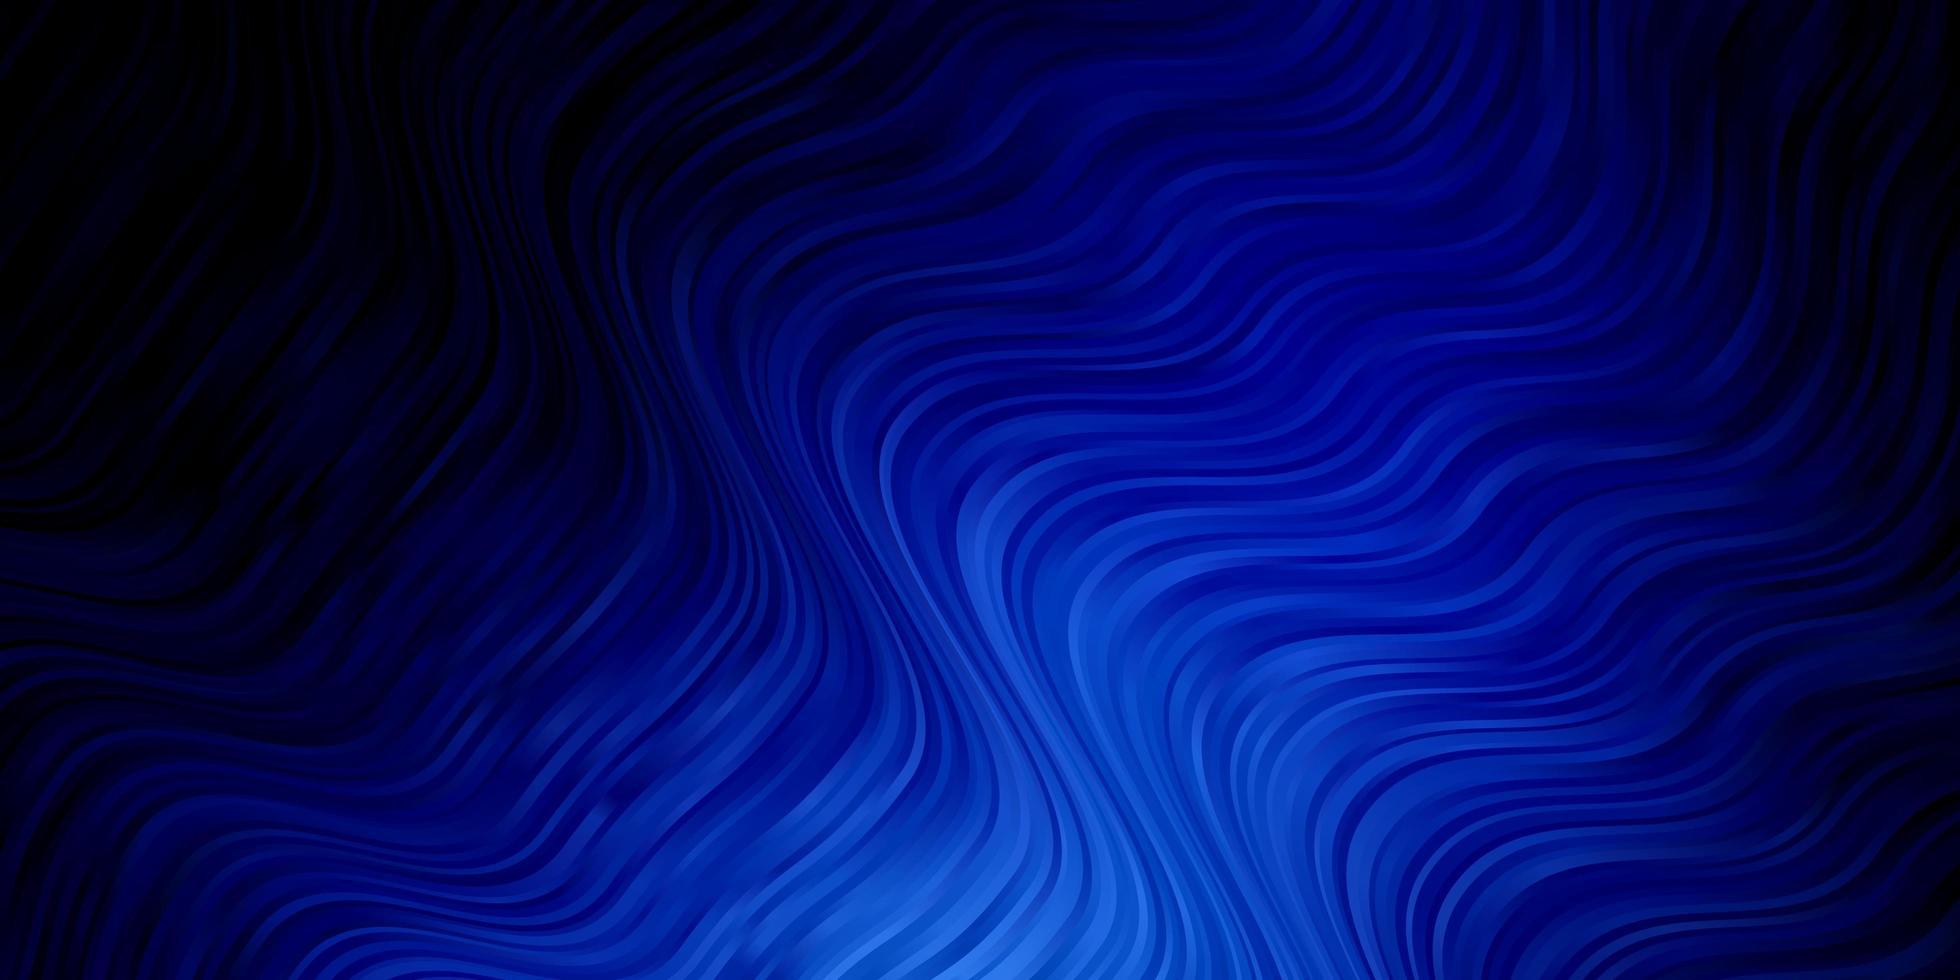 texture bleu foncé avec arc circulaire. vecteur